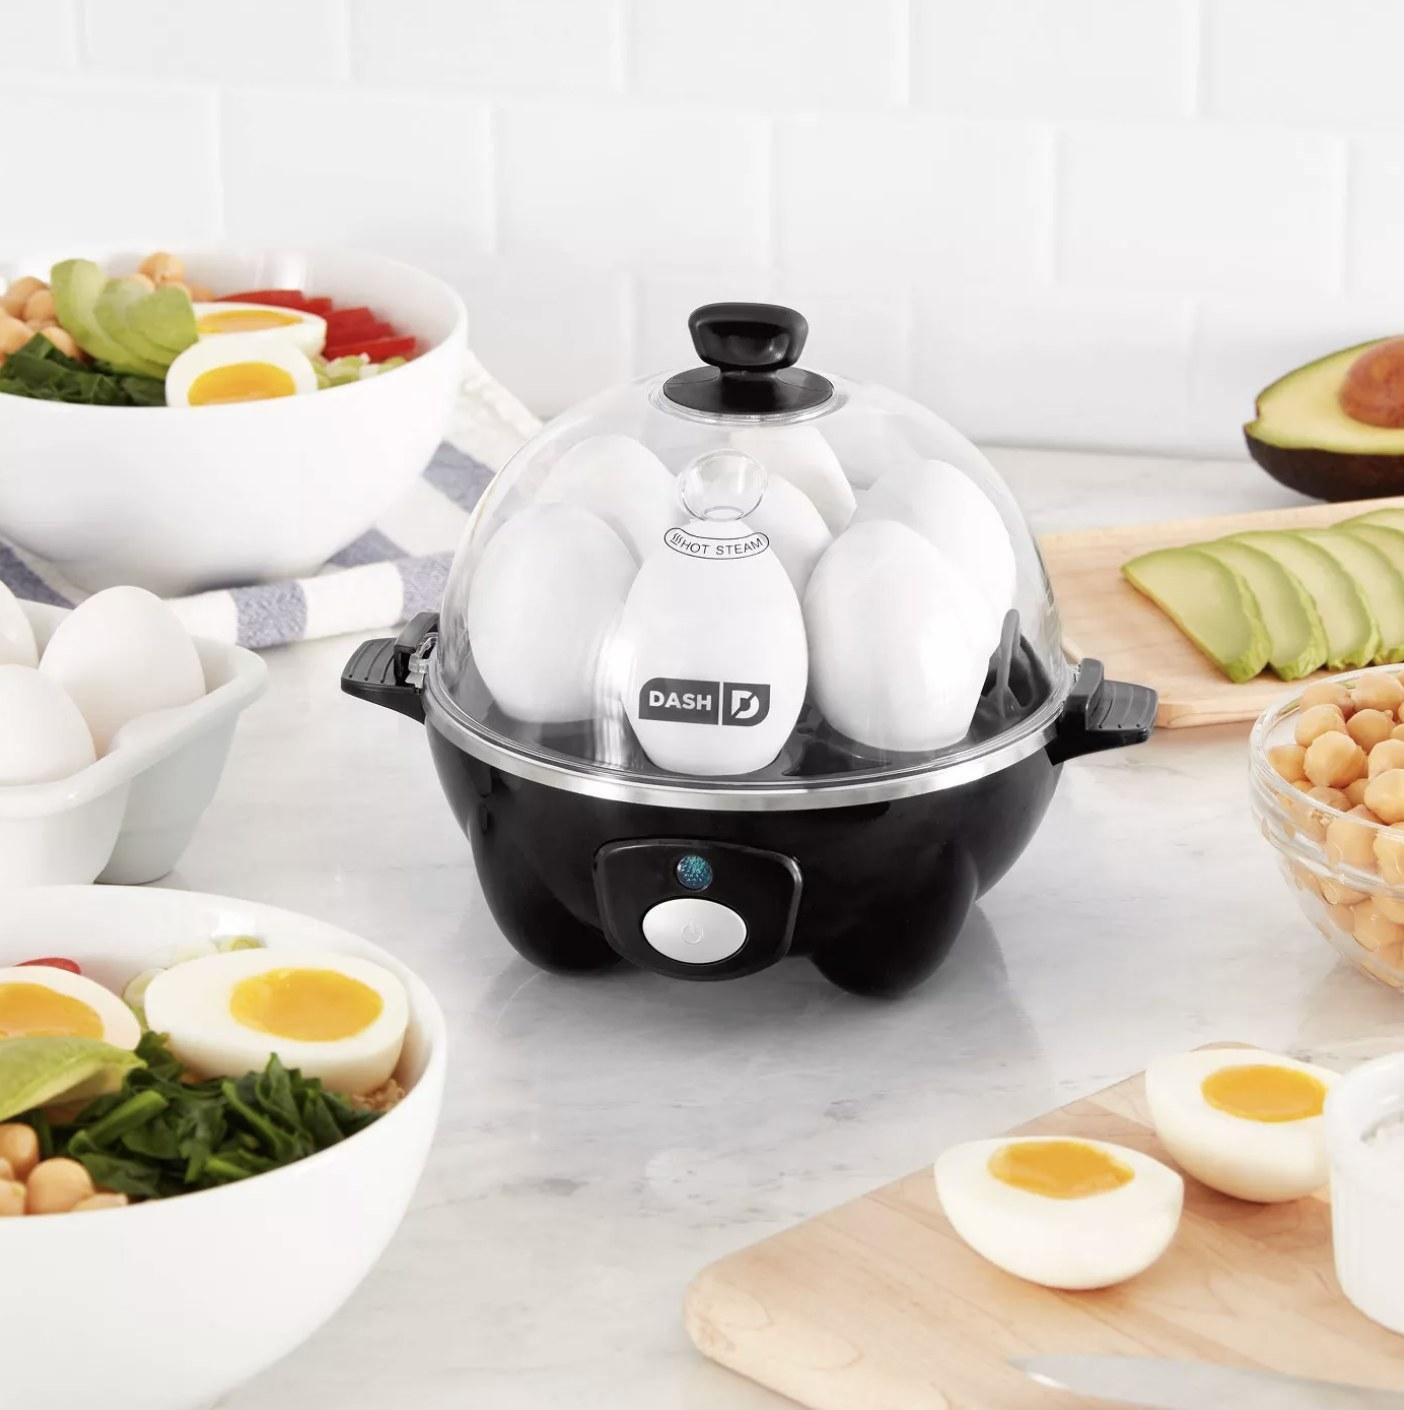 The egg cooker